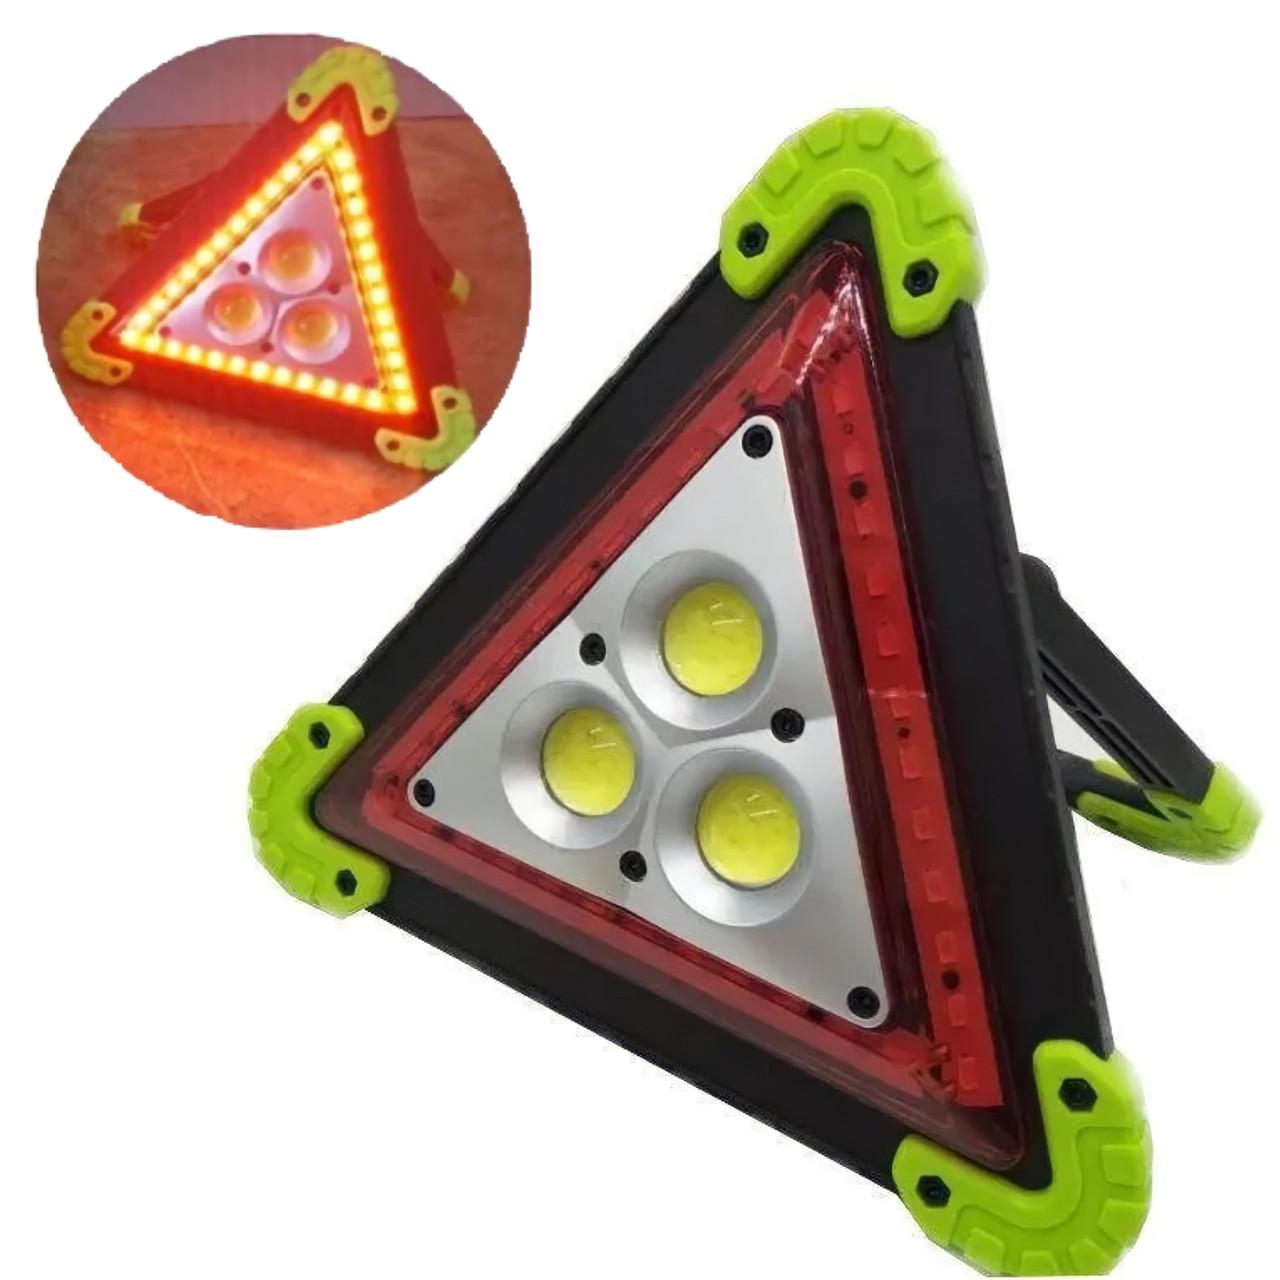 Багатофункціональний прожектор акумуляторний LED 30W LL-303 360 LED знак аварійний | Аварійка |